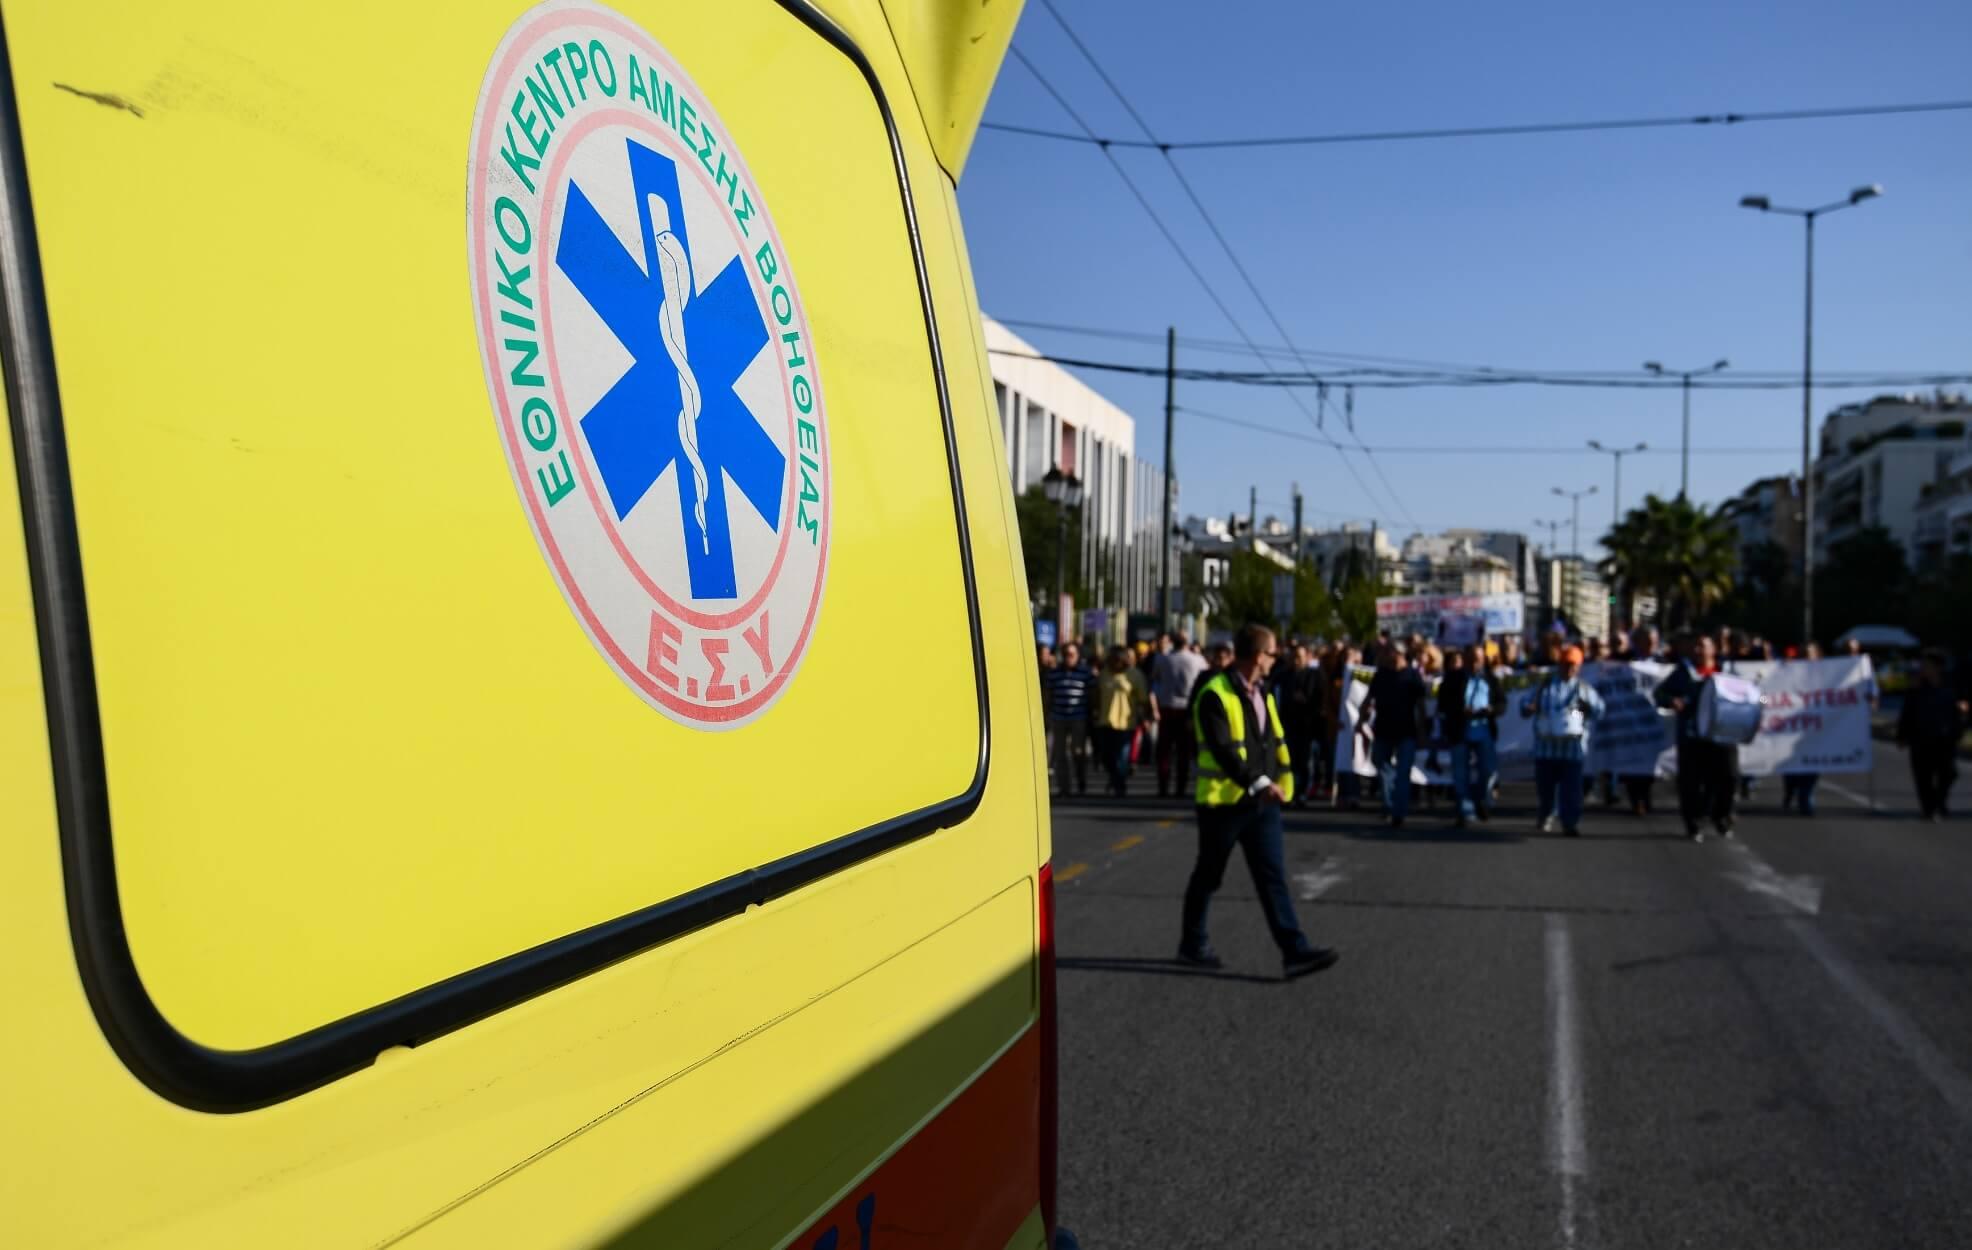 Απεργία ΠΟΕΔΗΝ σήμερα 14/03 στα Δημόσια Νοσοκομεία – Πορεία και κλειστοί δρόμοι στην Αθήνα